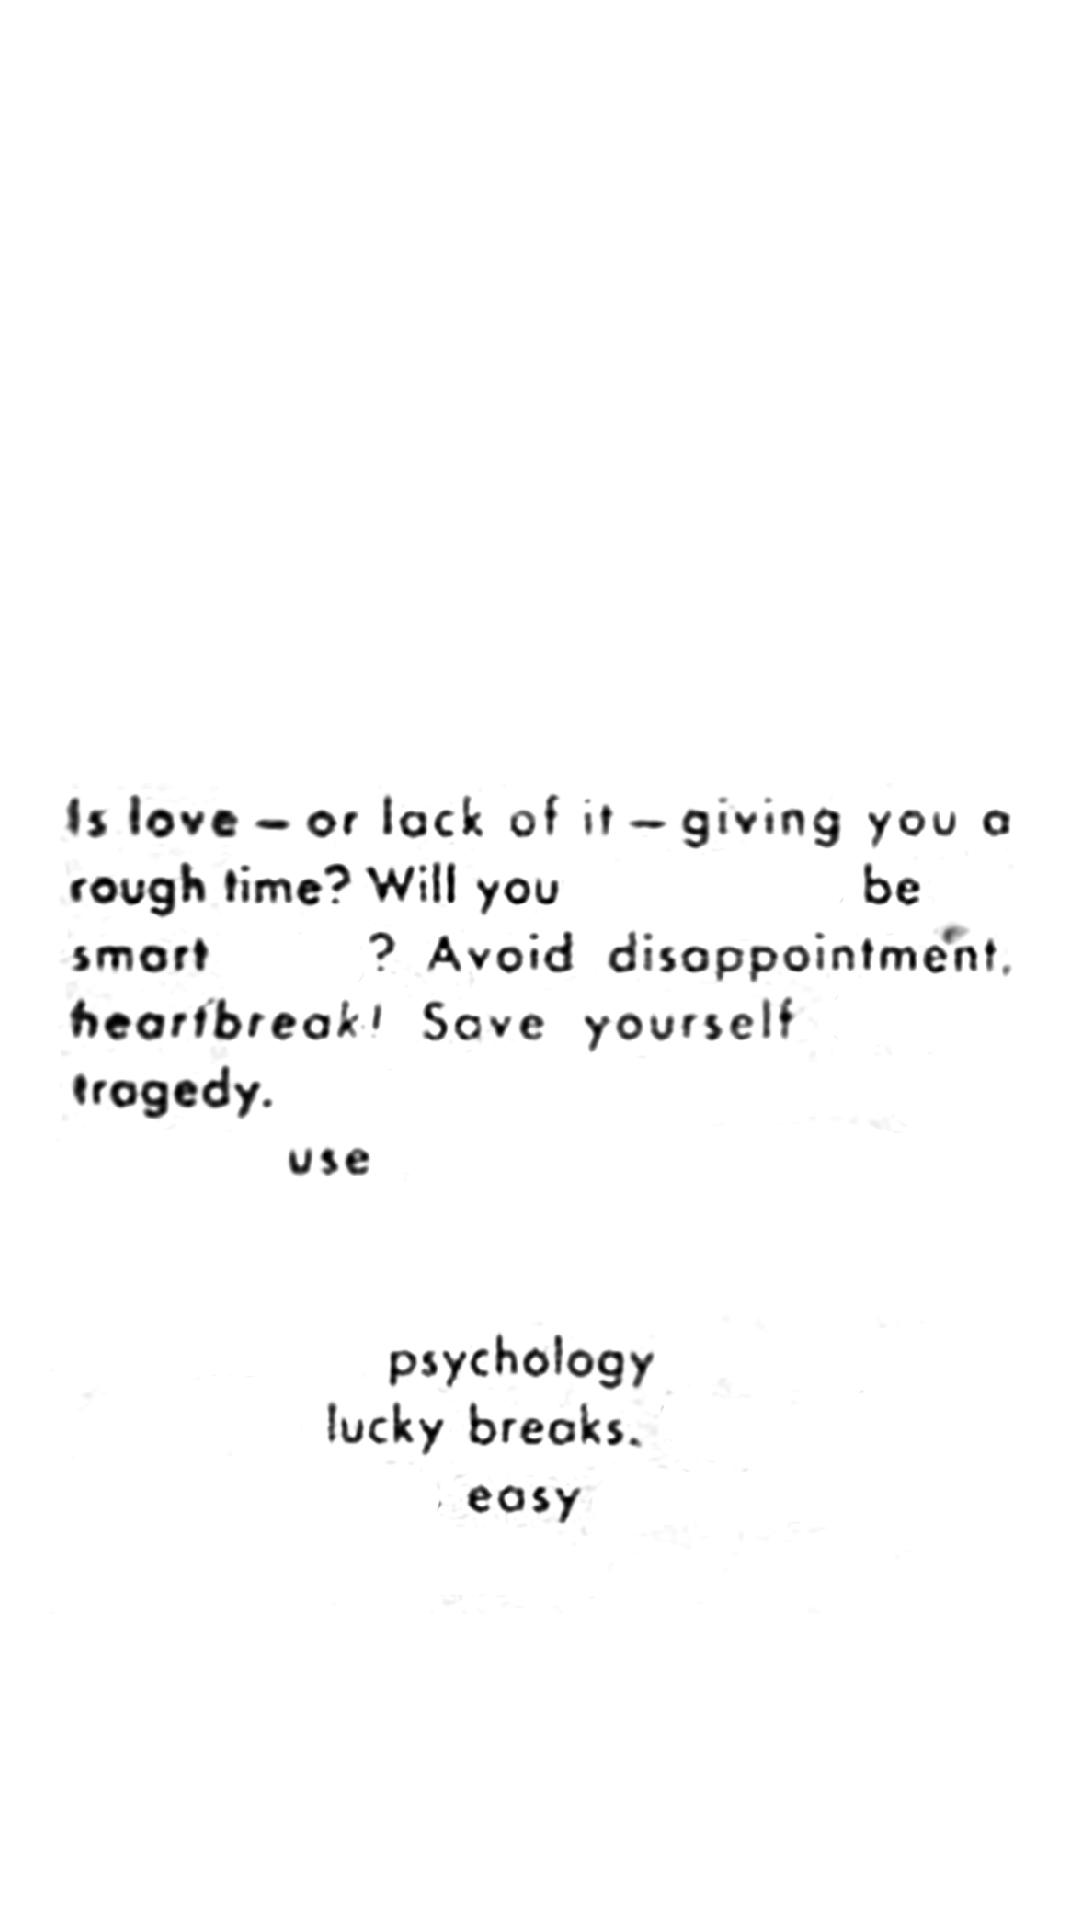 avoiddisappointment.jpg